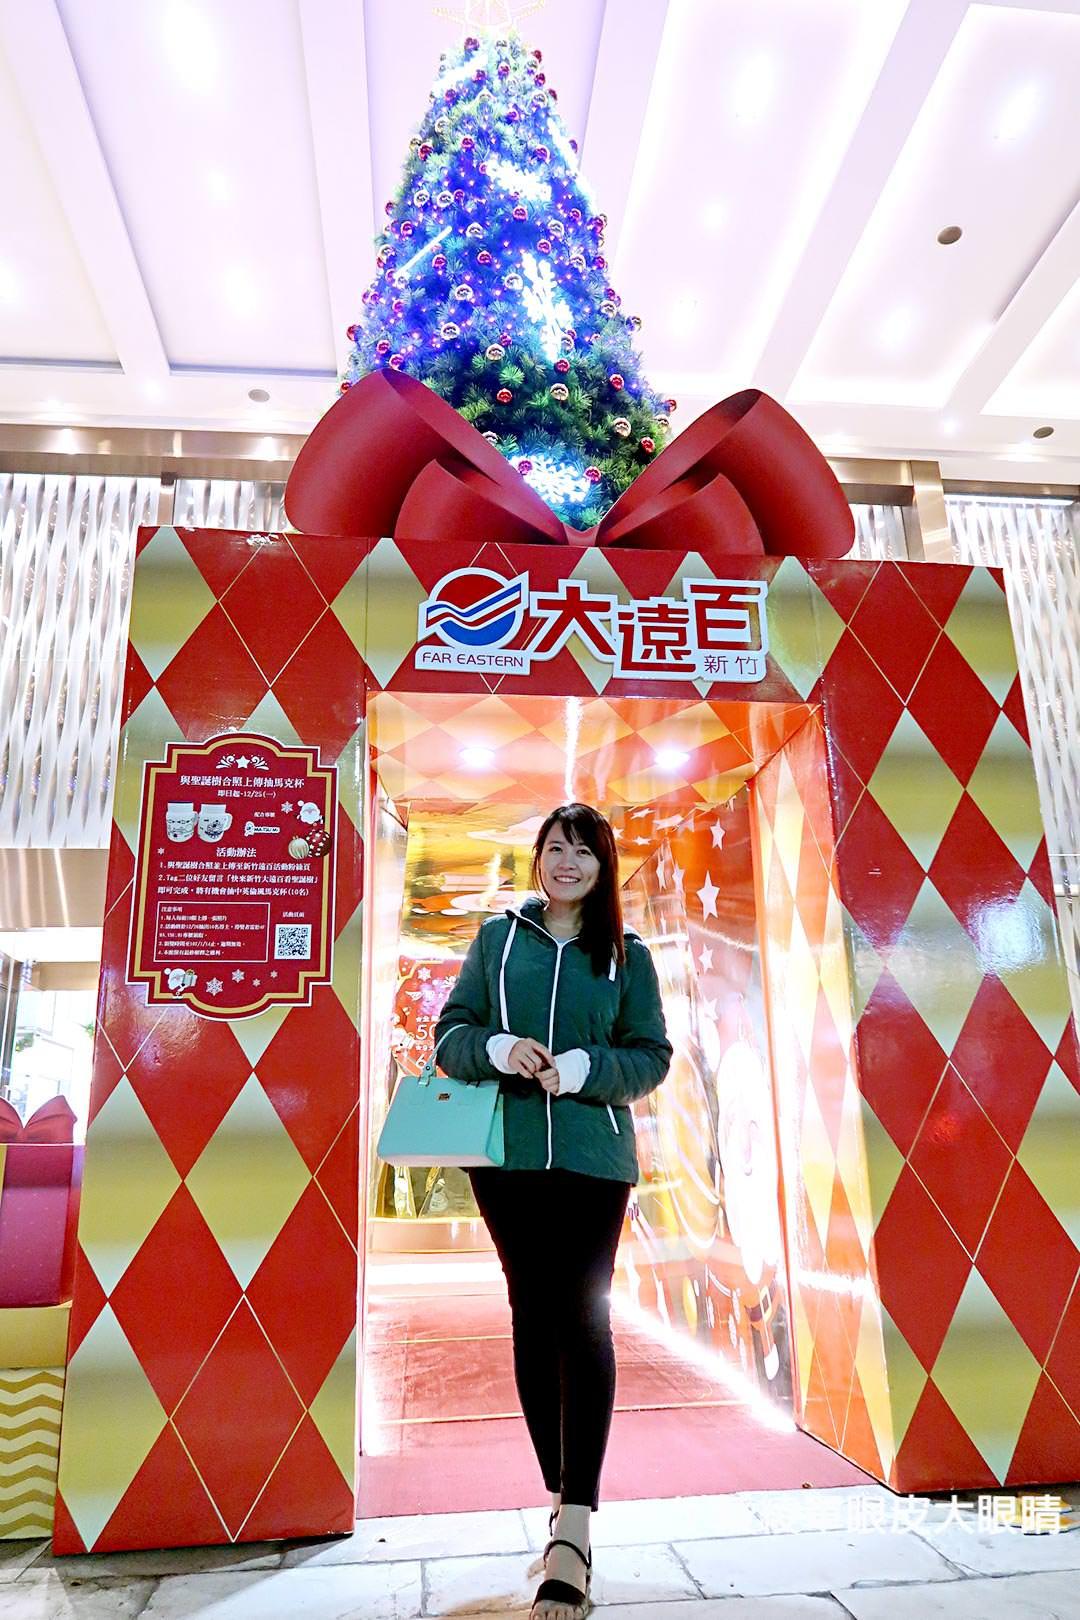 2017聖誕活動!新竹耶誕特色景點你都收集完了嗎?胡桃鉗玩具兵|戽斗星球|巨型薑餅屋等,偷偷告訴你有隱藏版拍照打卡景點唷!